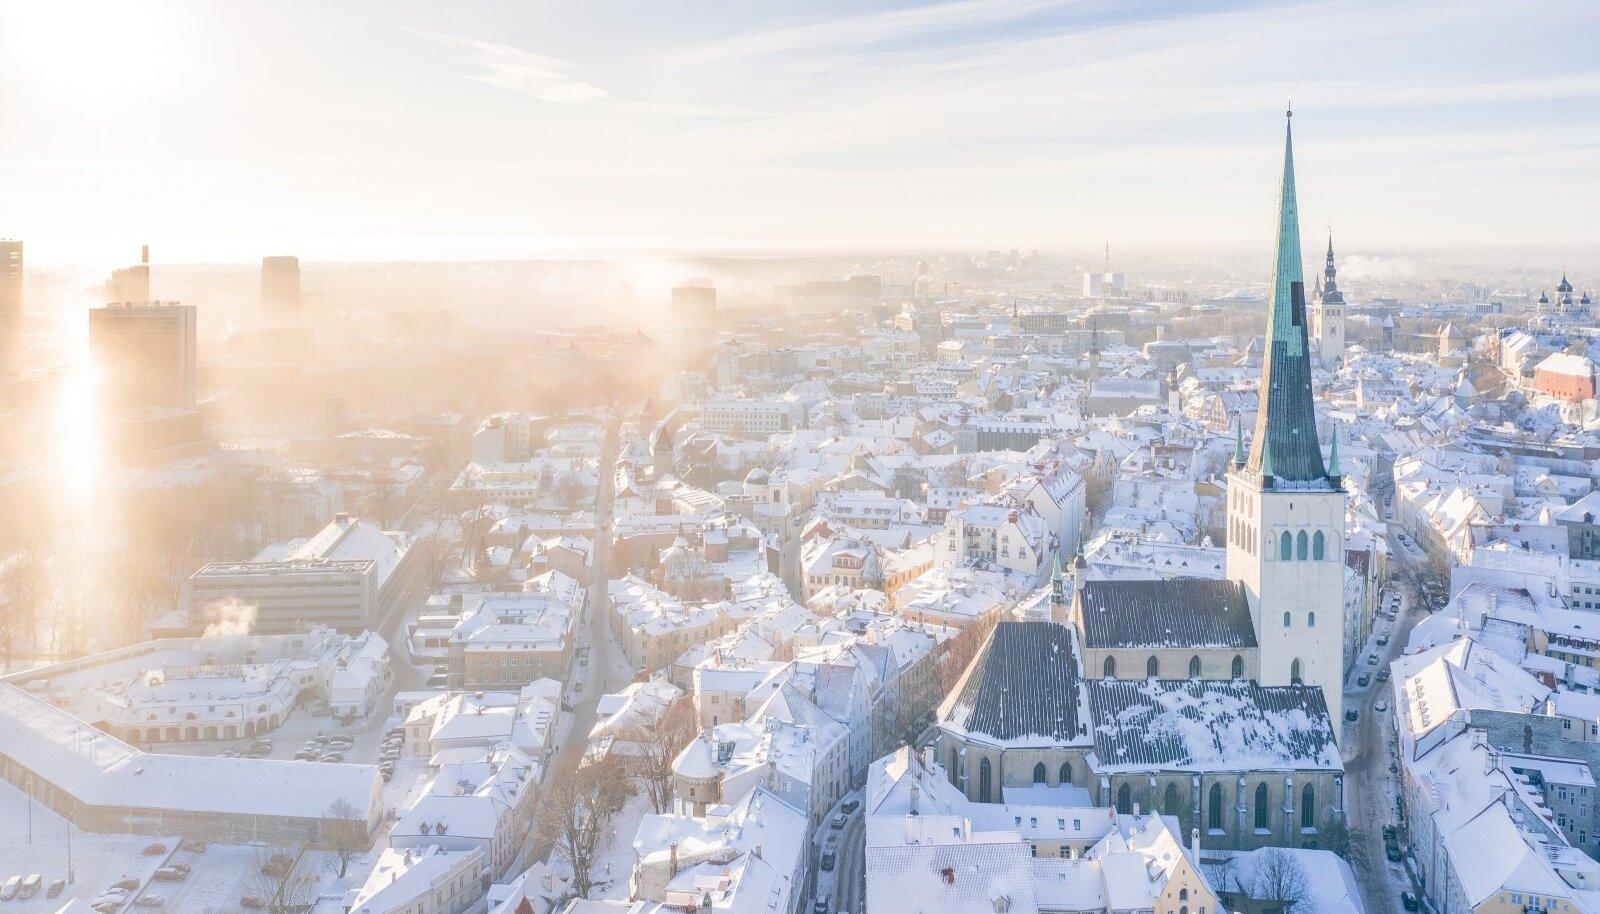 Pilt Tallinnast